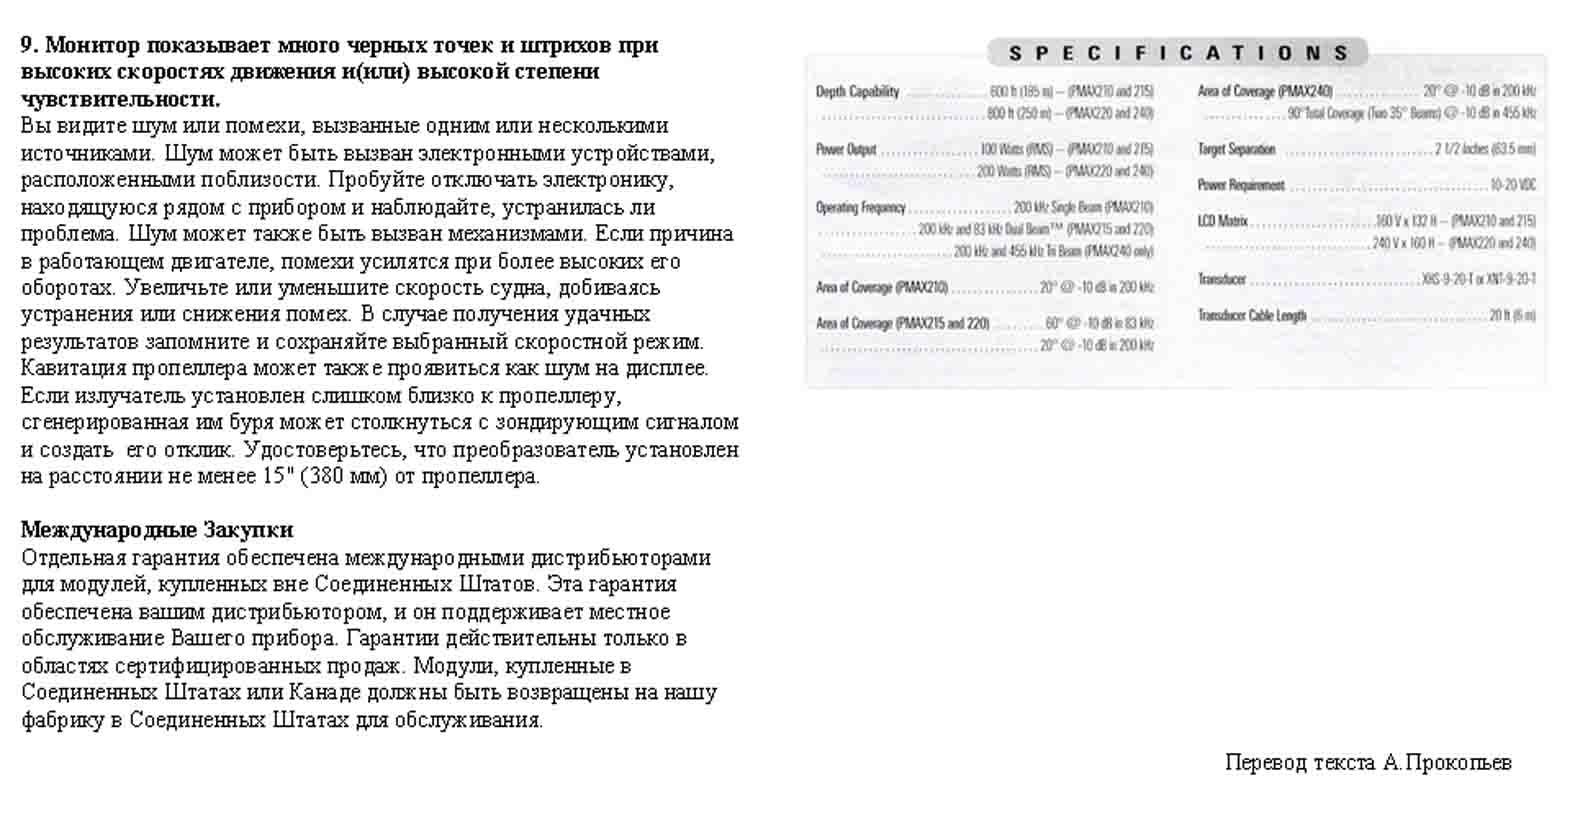 эхолот фишфиндер инструкция на русском языке